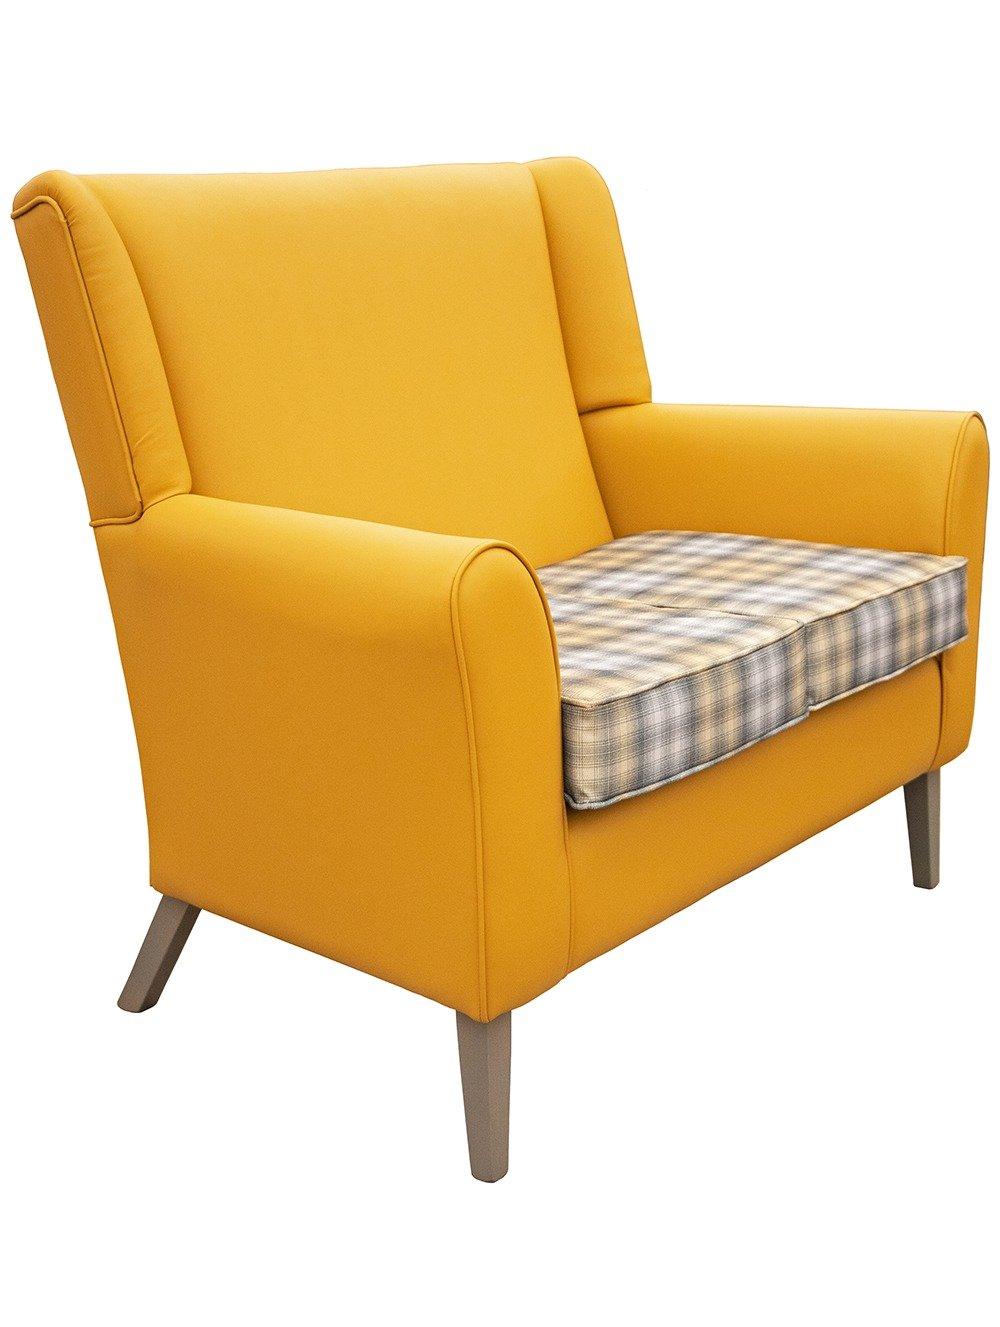 polly sofa